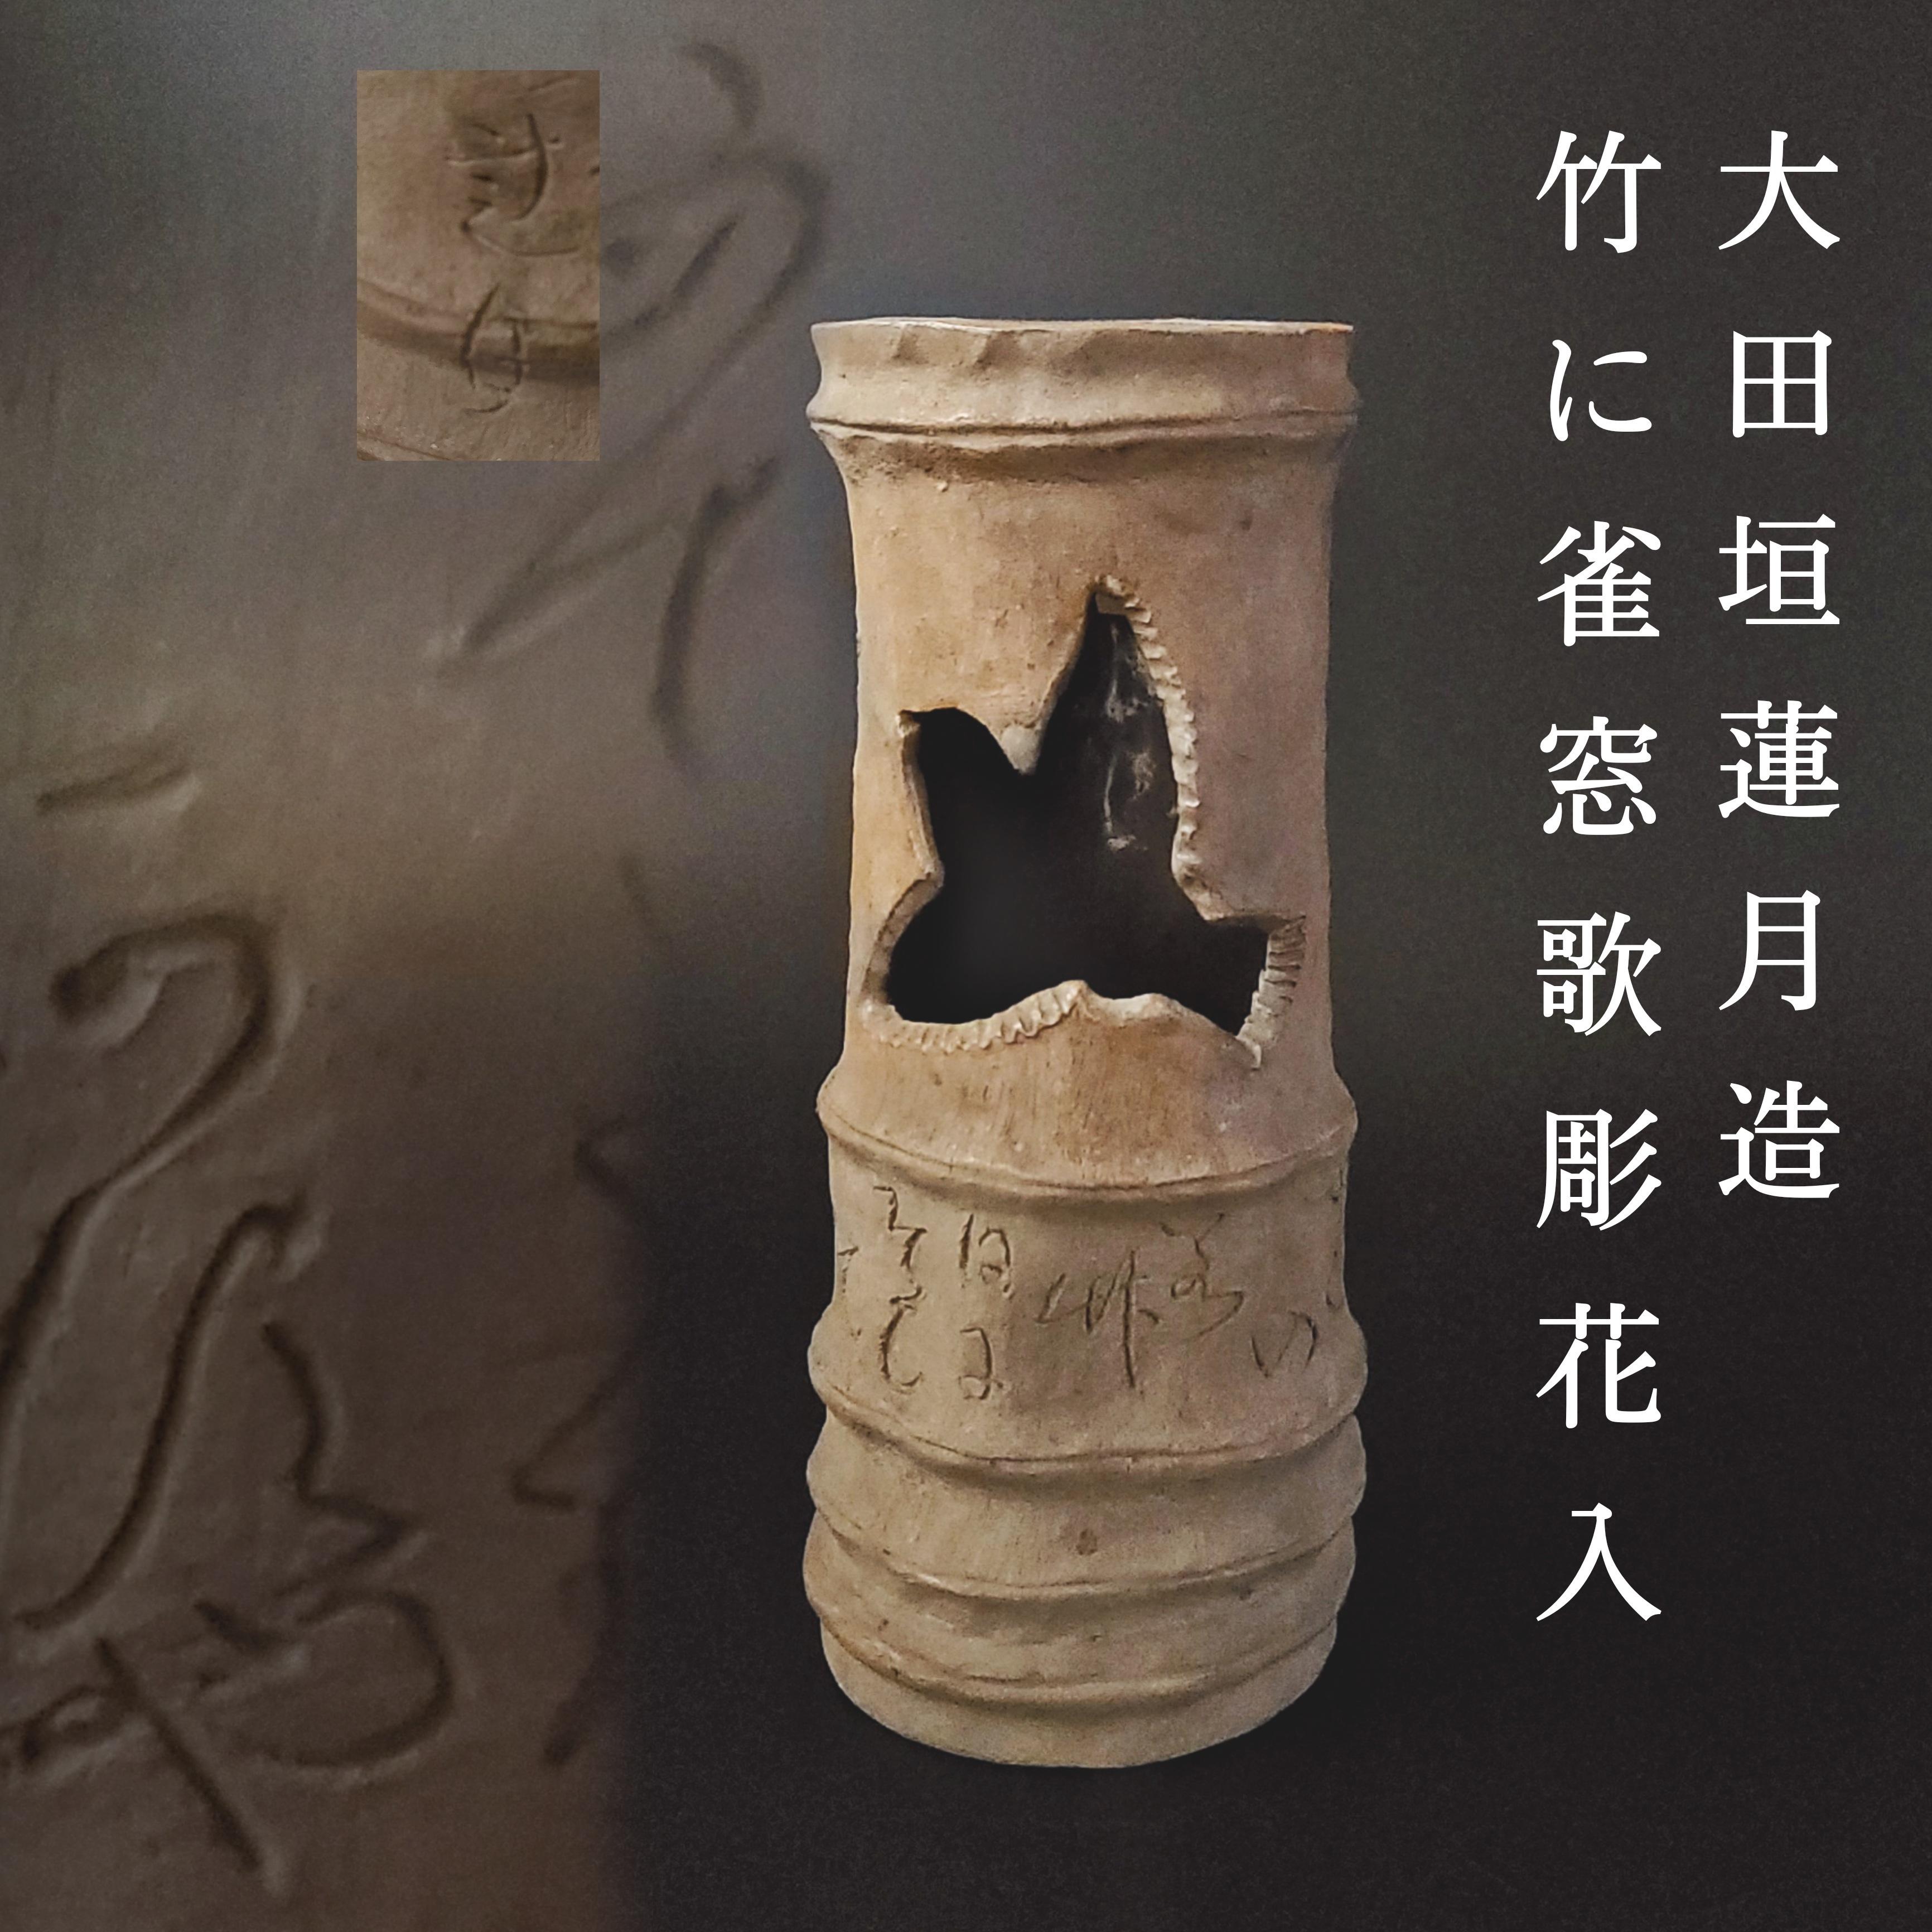 茶道具 大田垣蓮月 手造 竹形 雀窓 歌彫 掛花入 幕末 歌人 文人 古美術